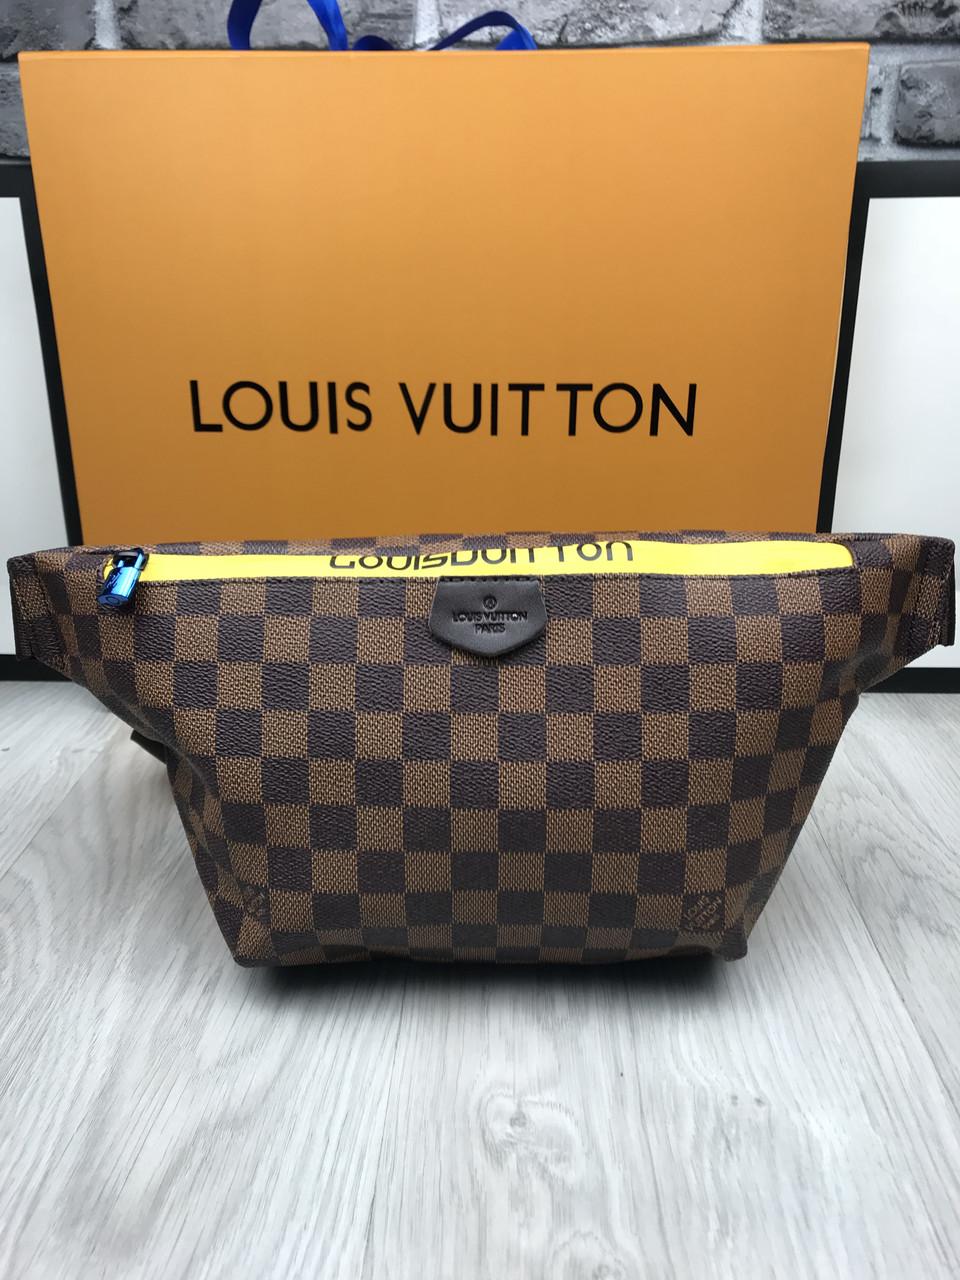 7c5fc0ab6000 Сумка на пояс бананка брендовая Louis Vuitton коричневая мужская женская  копия высокого качества - AMARKET -